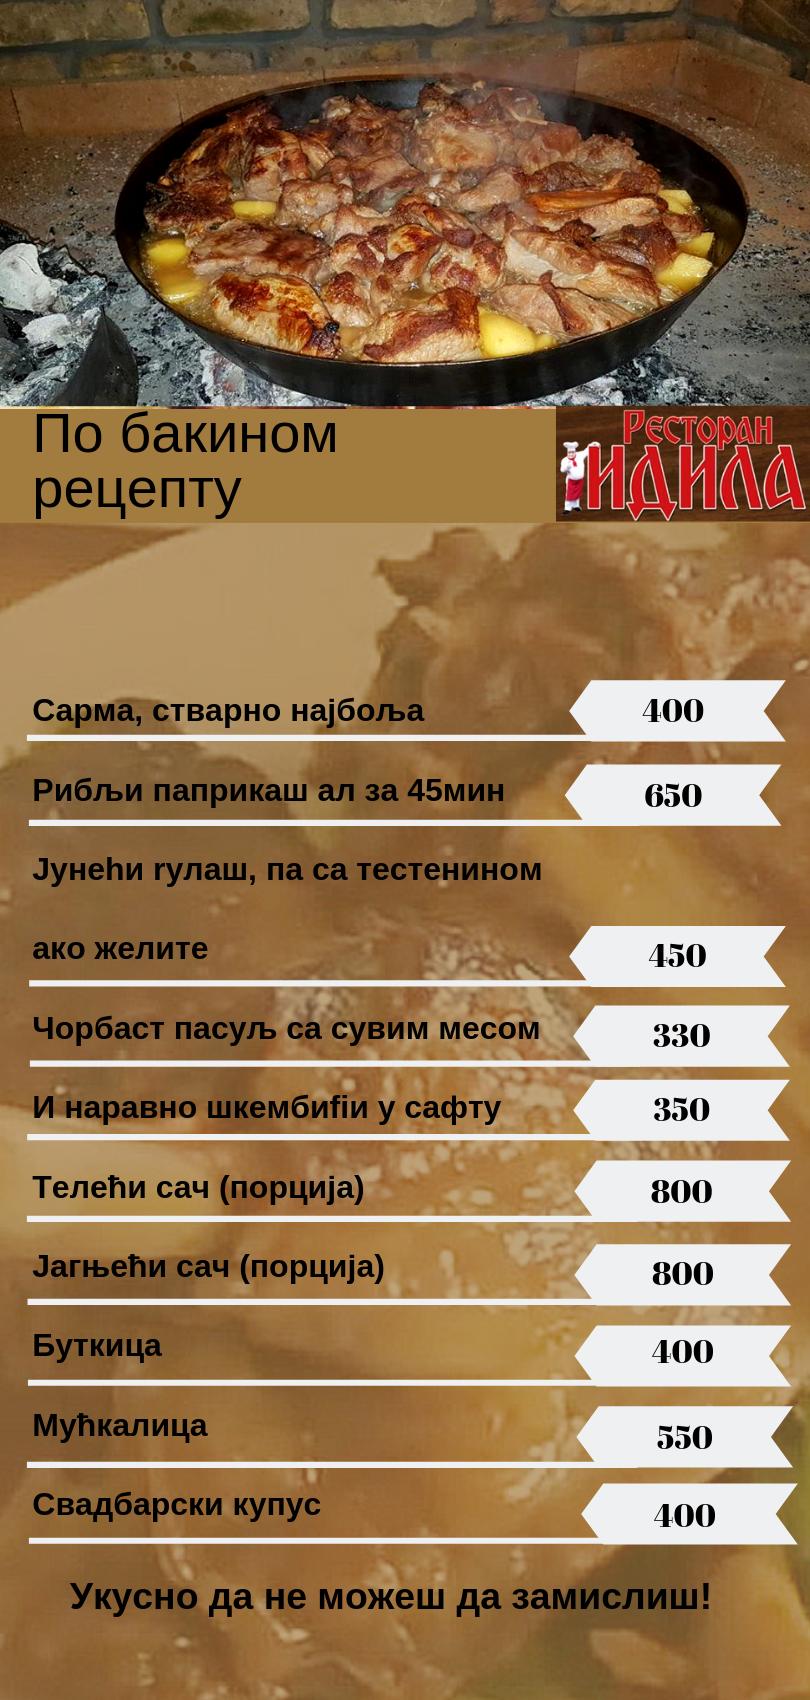 Stara idila hrana(44)